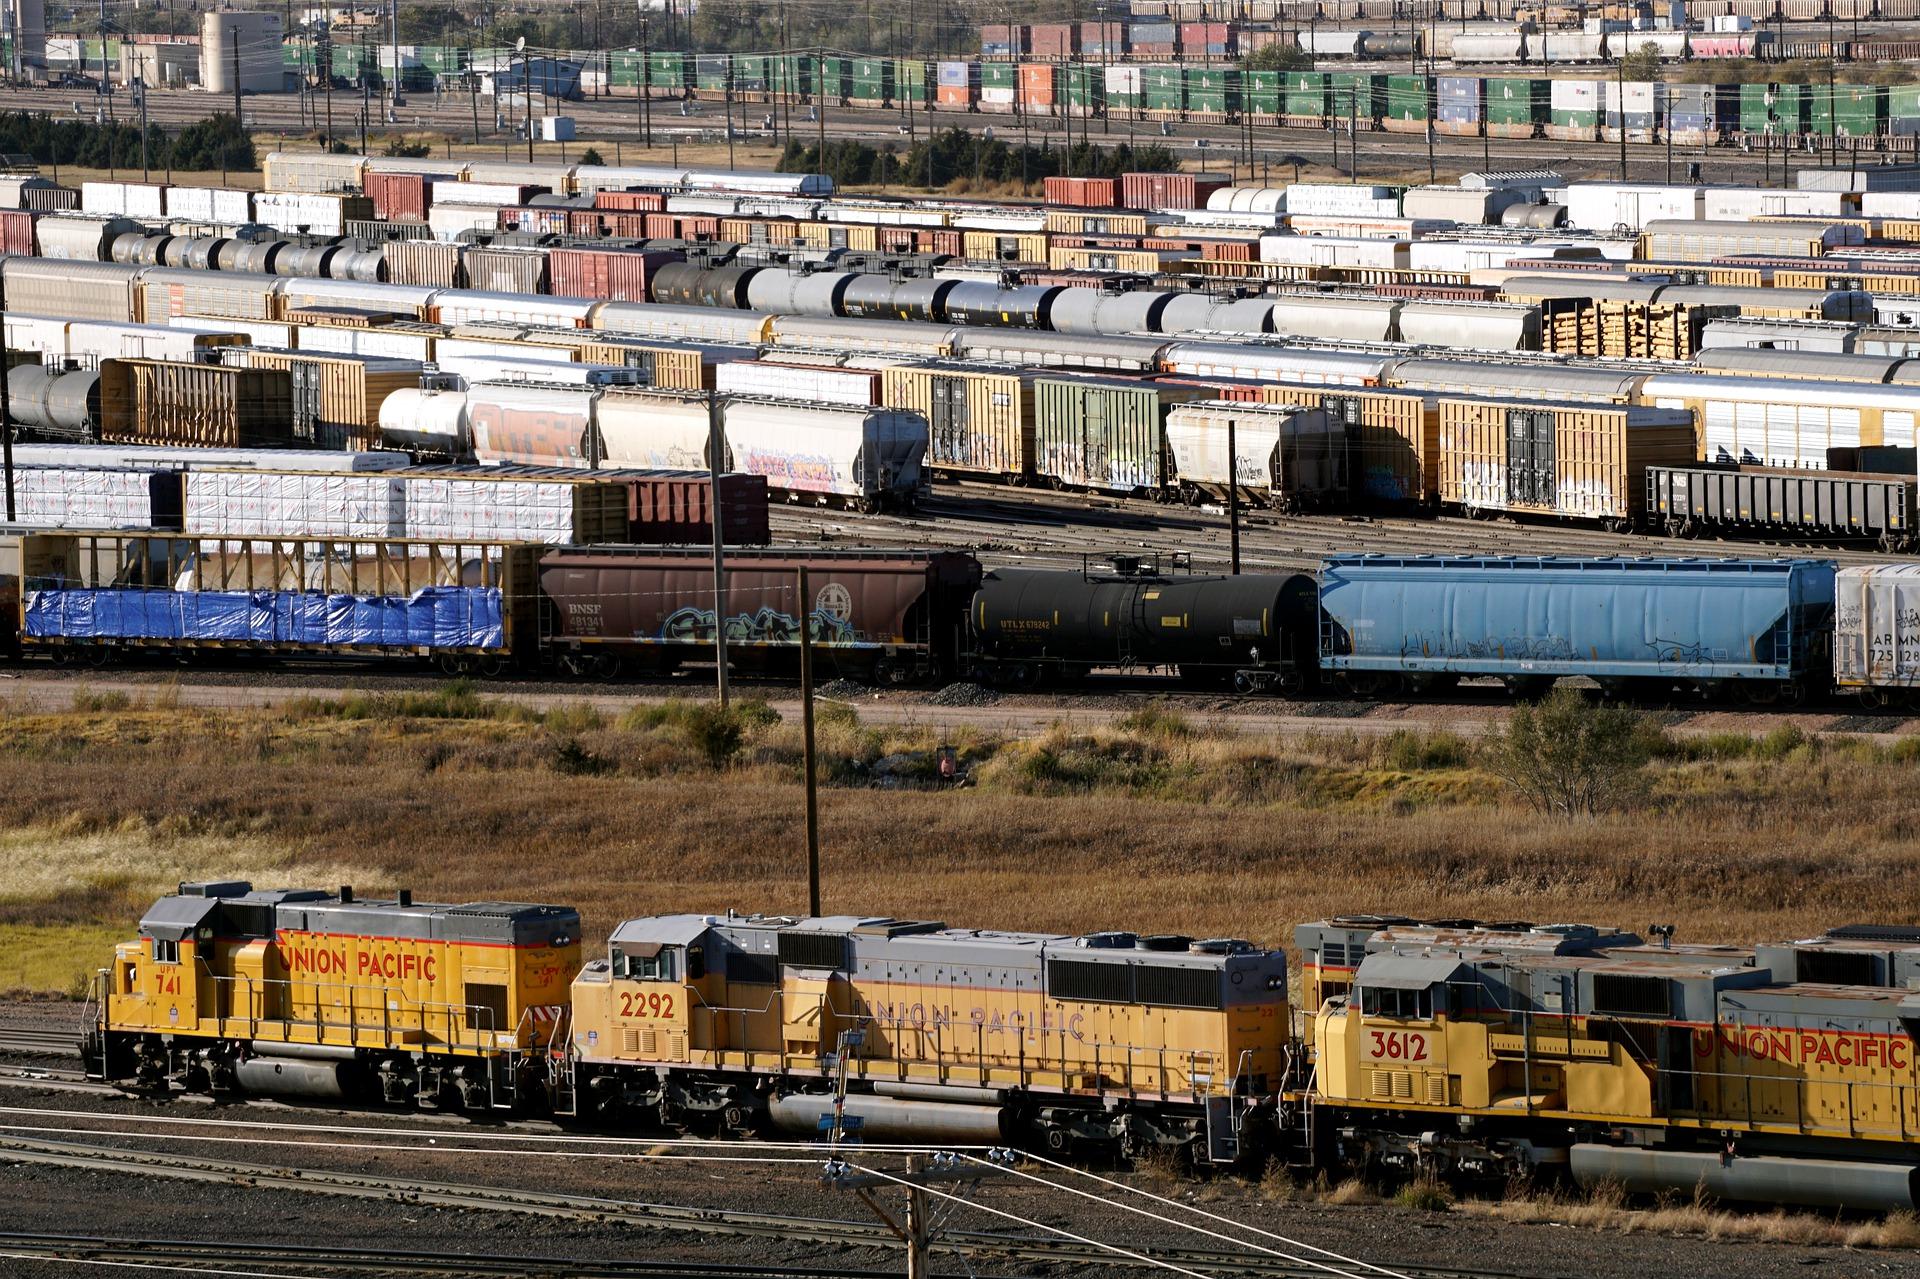 Обмеження експлуатації вагонів повинно відбуватися виключно за технічним станом — УЗА